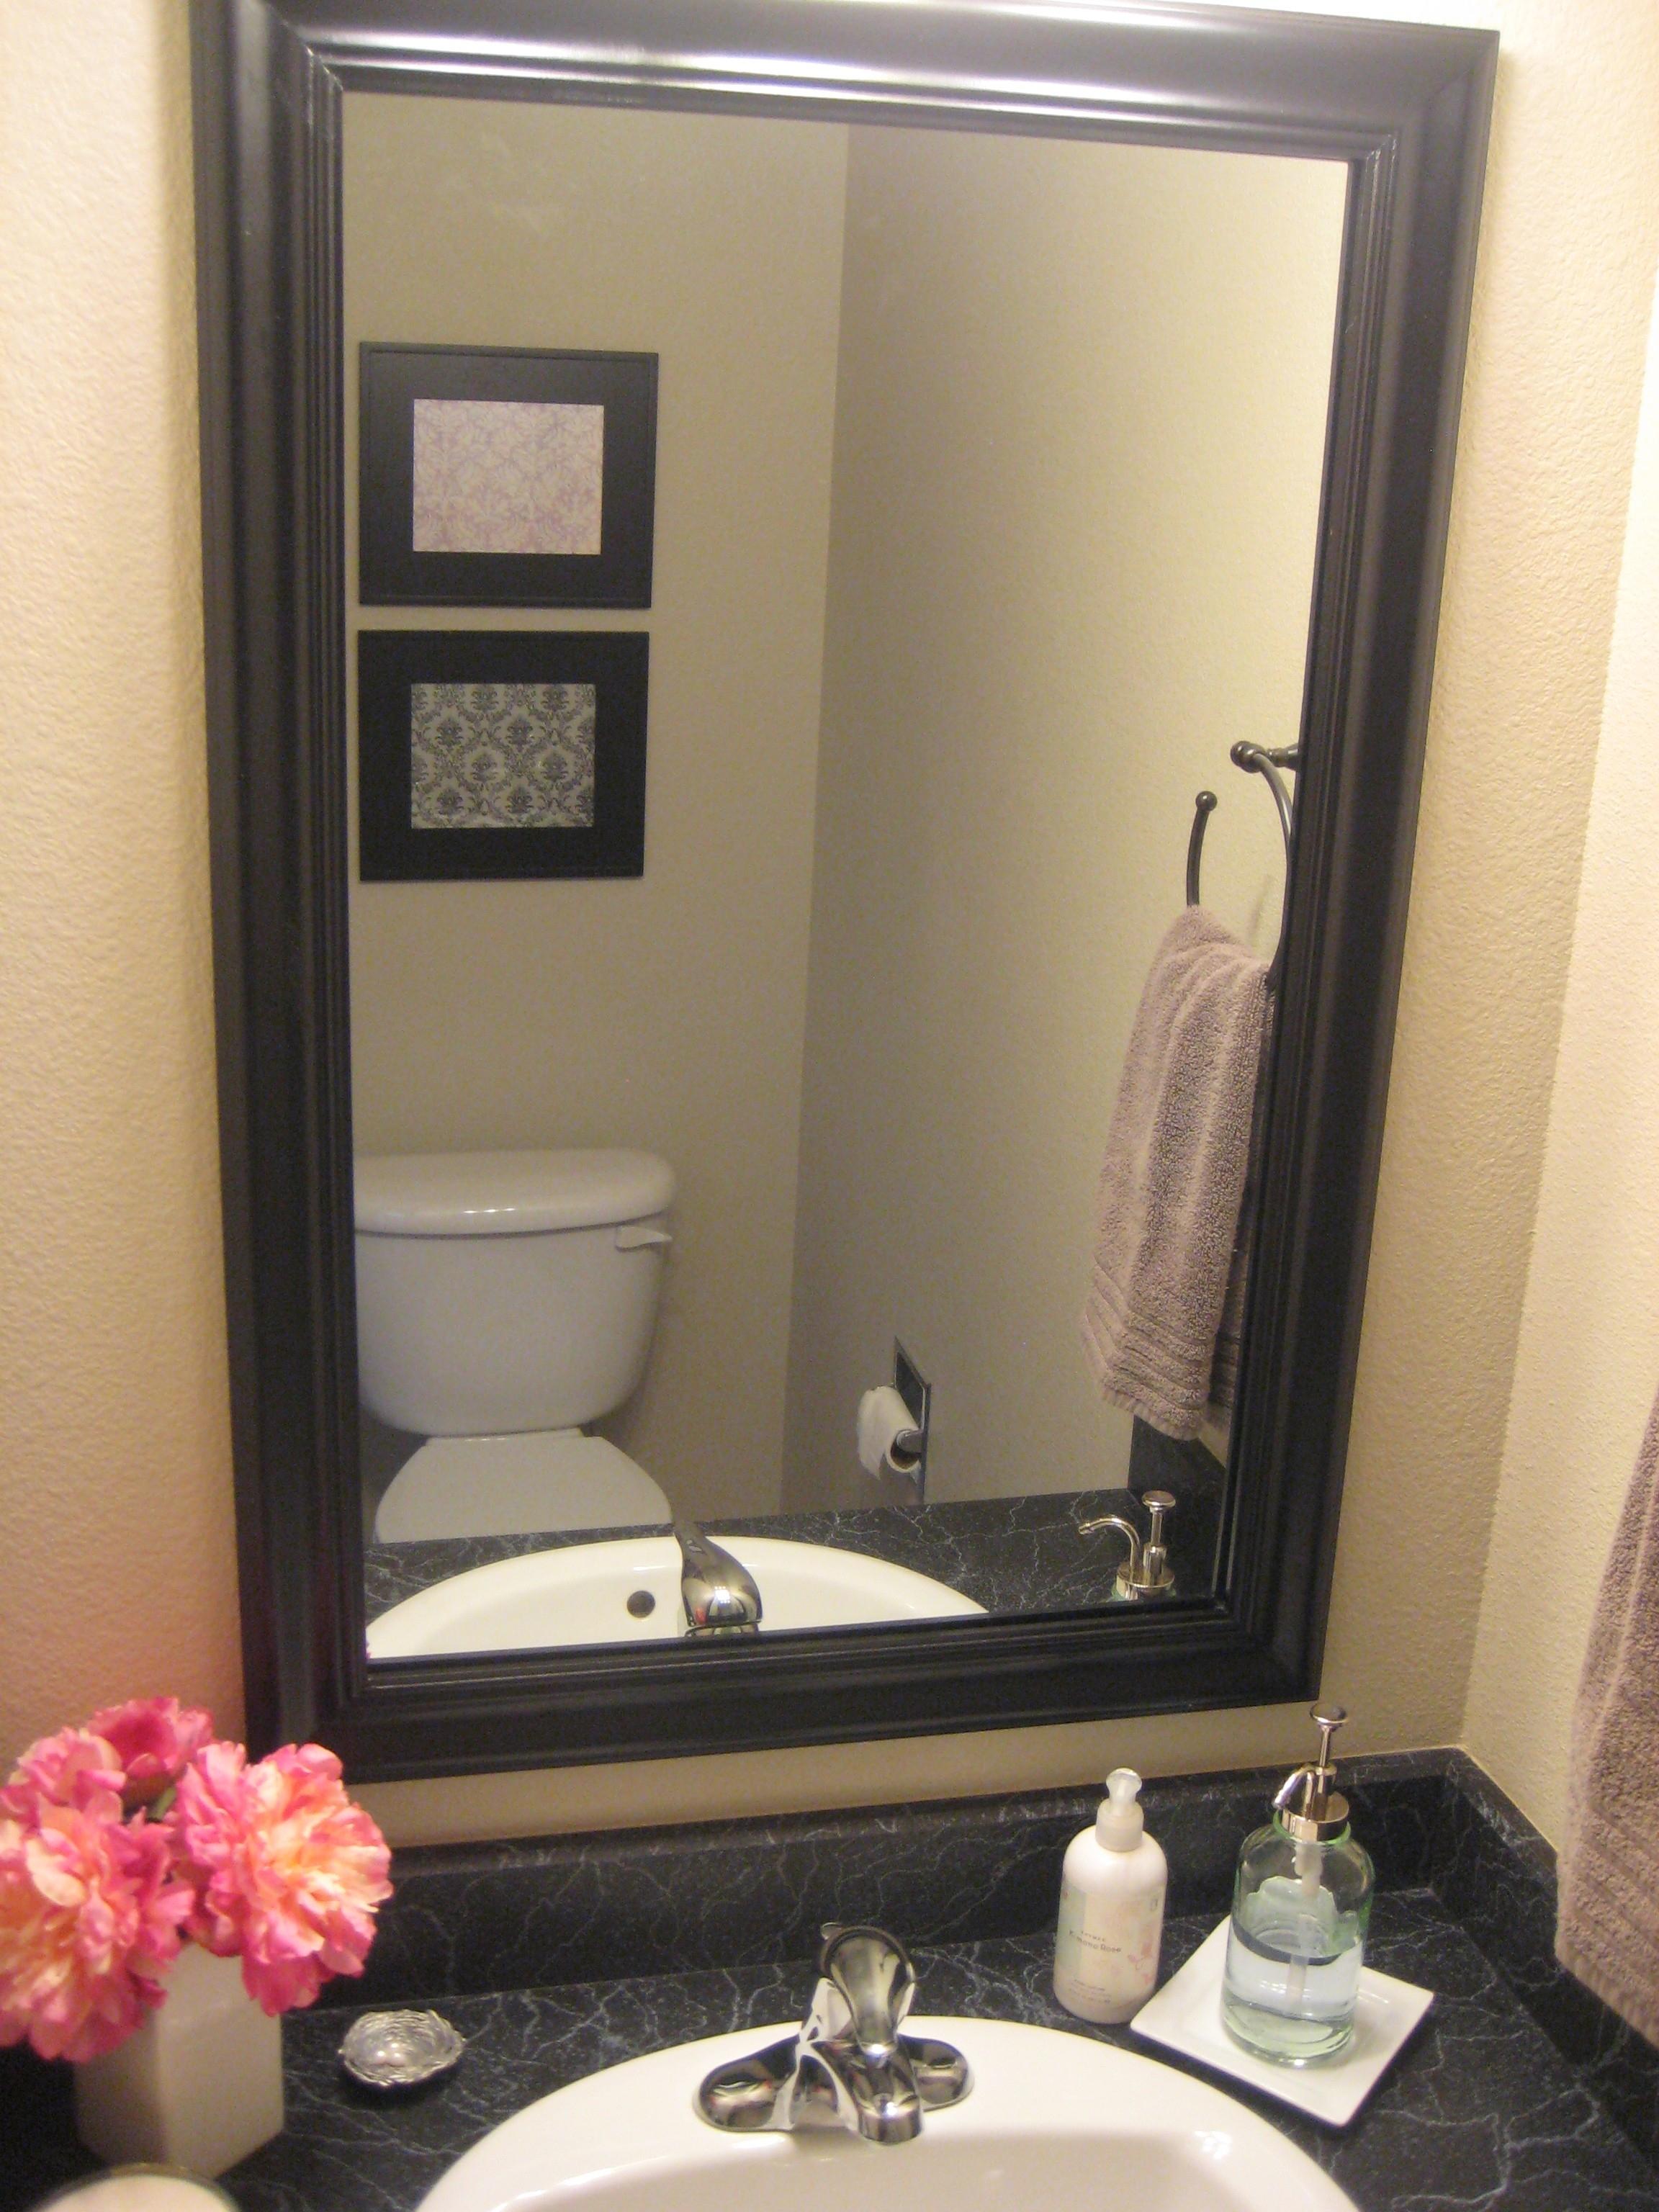 Frame Wall Mirror Bathroom Frame Wall Mirror Bathroom bathroom wall mirrors 2304 X 3072